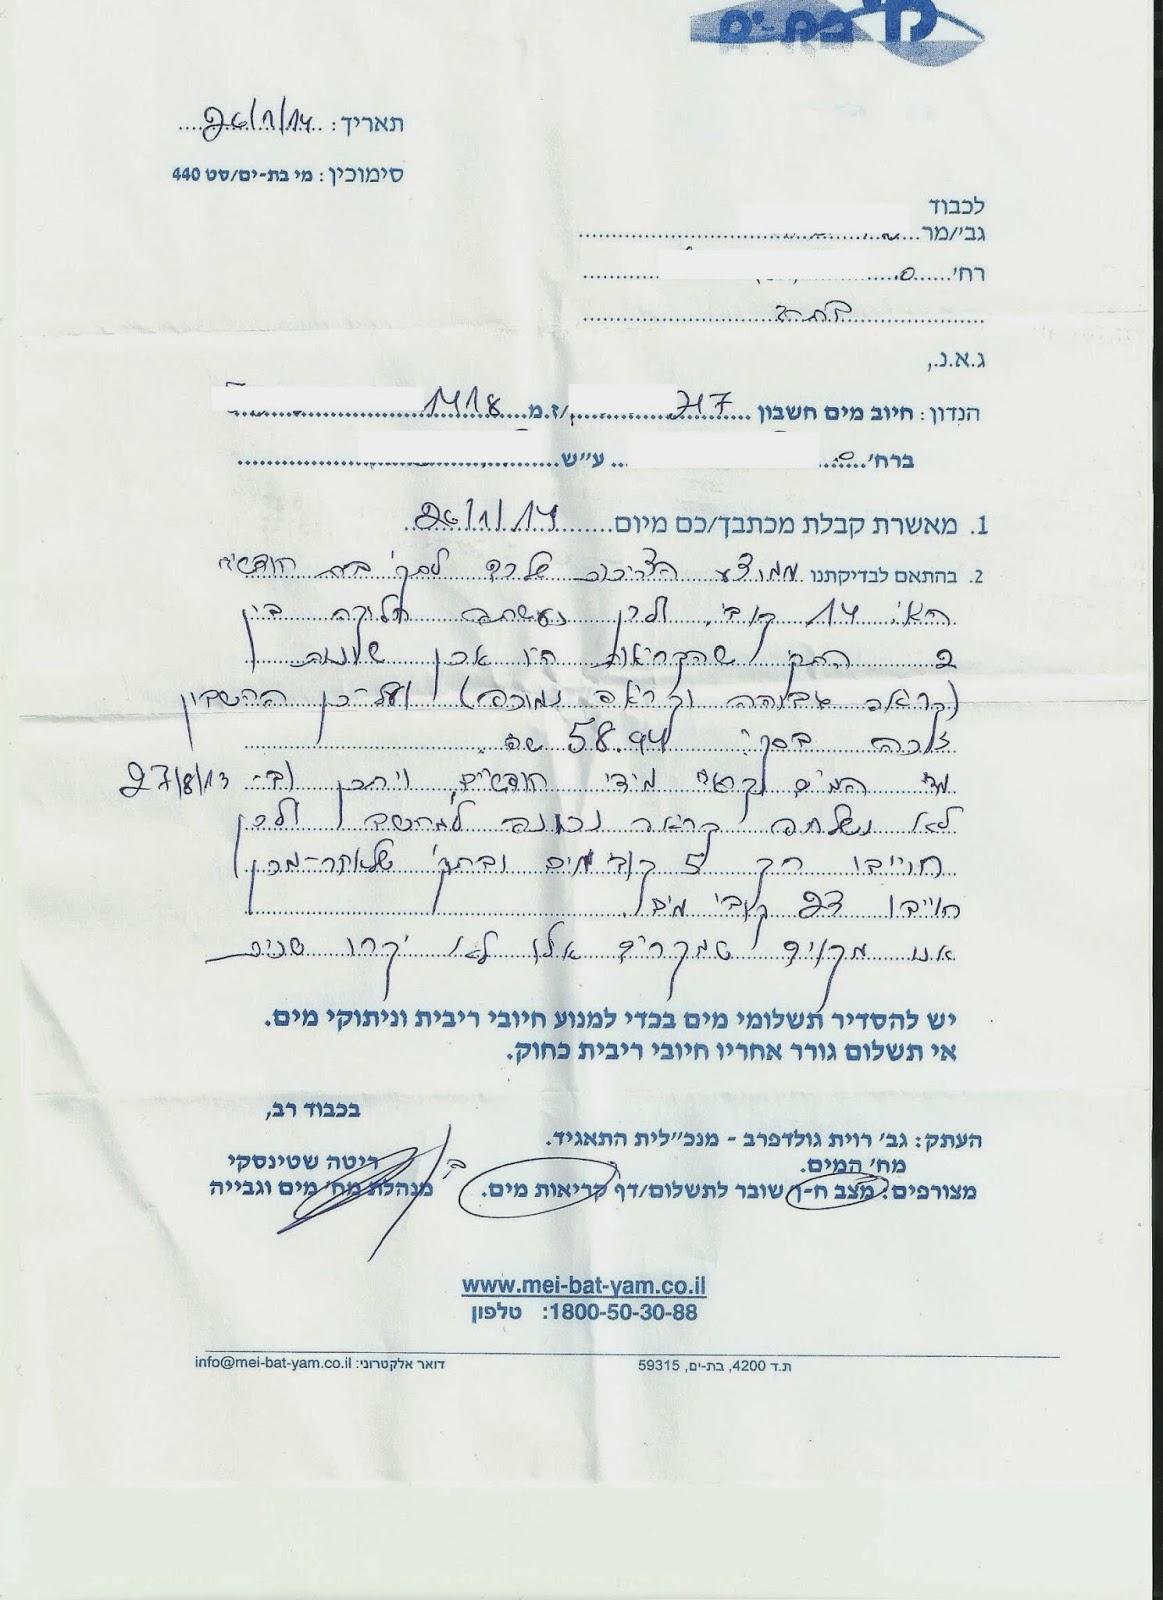 """להלן מכתב תגובה לקונית של תאגיד מי בת ים בו הוא מתרץ ה""""טעות"""" בחיוב יתר בכך שלא נשלחה קריאה מכונה למחשב"""